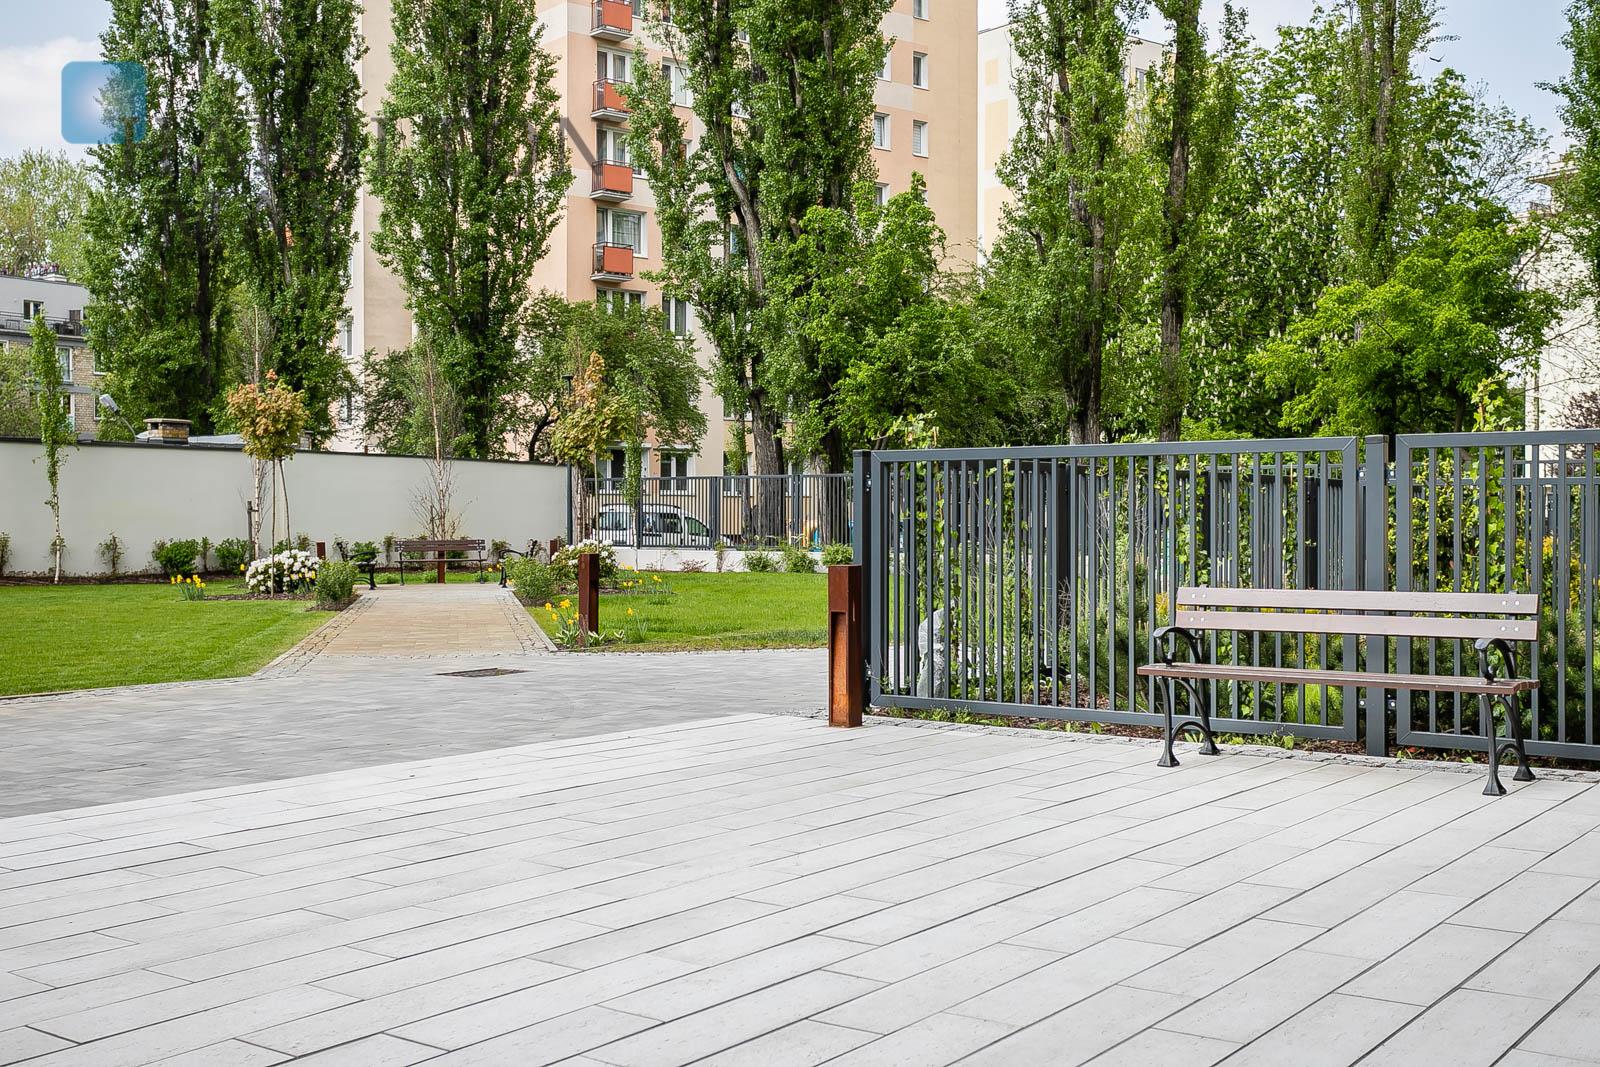 A duplex apartment in Saska Kępa - Zwycięzców street Warsaw for sale